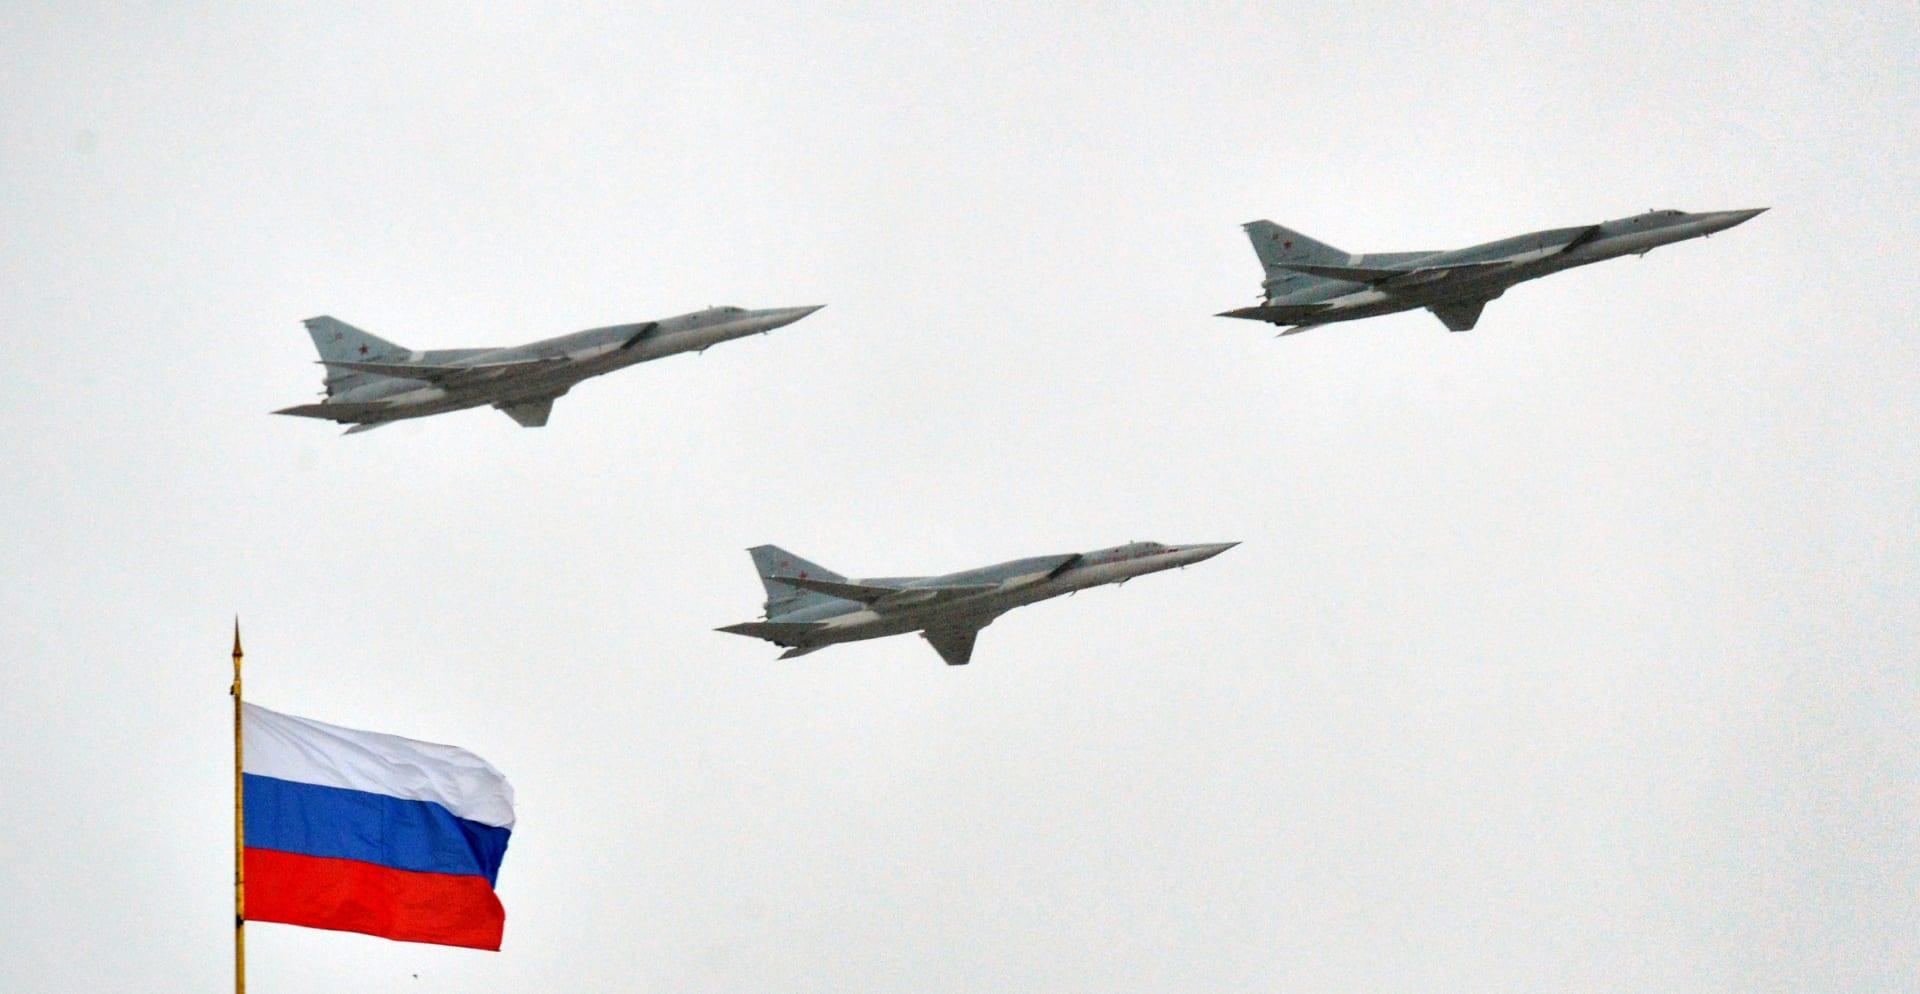 جنرال أمريكي: طائرات روسيا ونظام الأسد ضربت مقاتلين تدعمهم أمريكا في سوريا